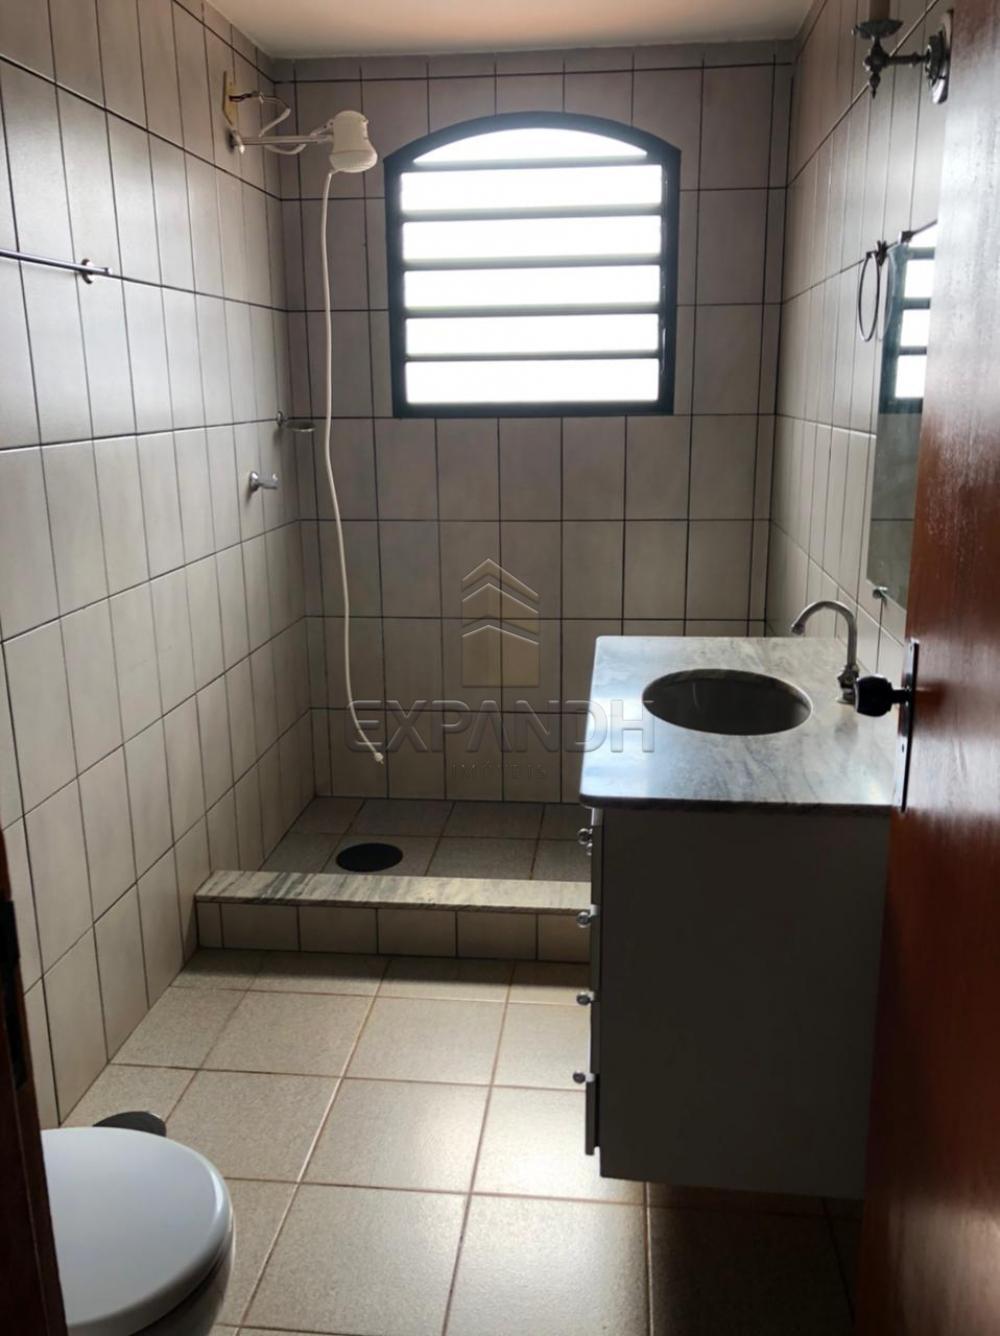 Alugar Casas / Padrão em Sertãozinho R$ 2.700,00 - Foto 18